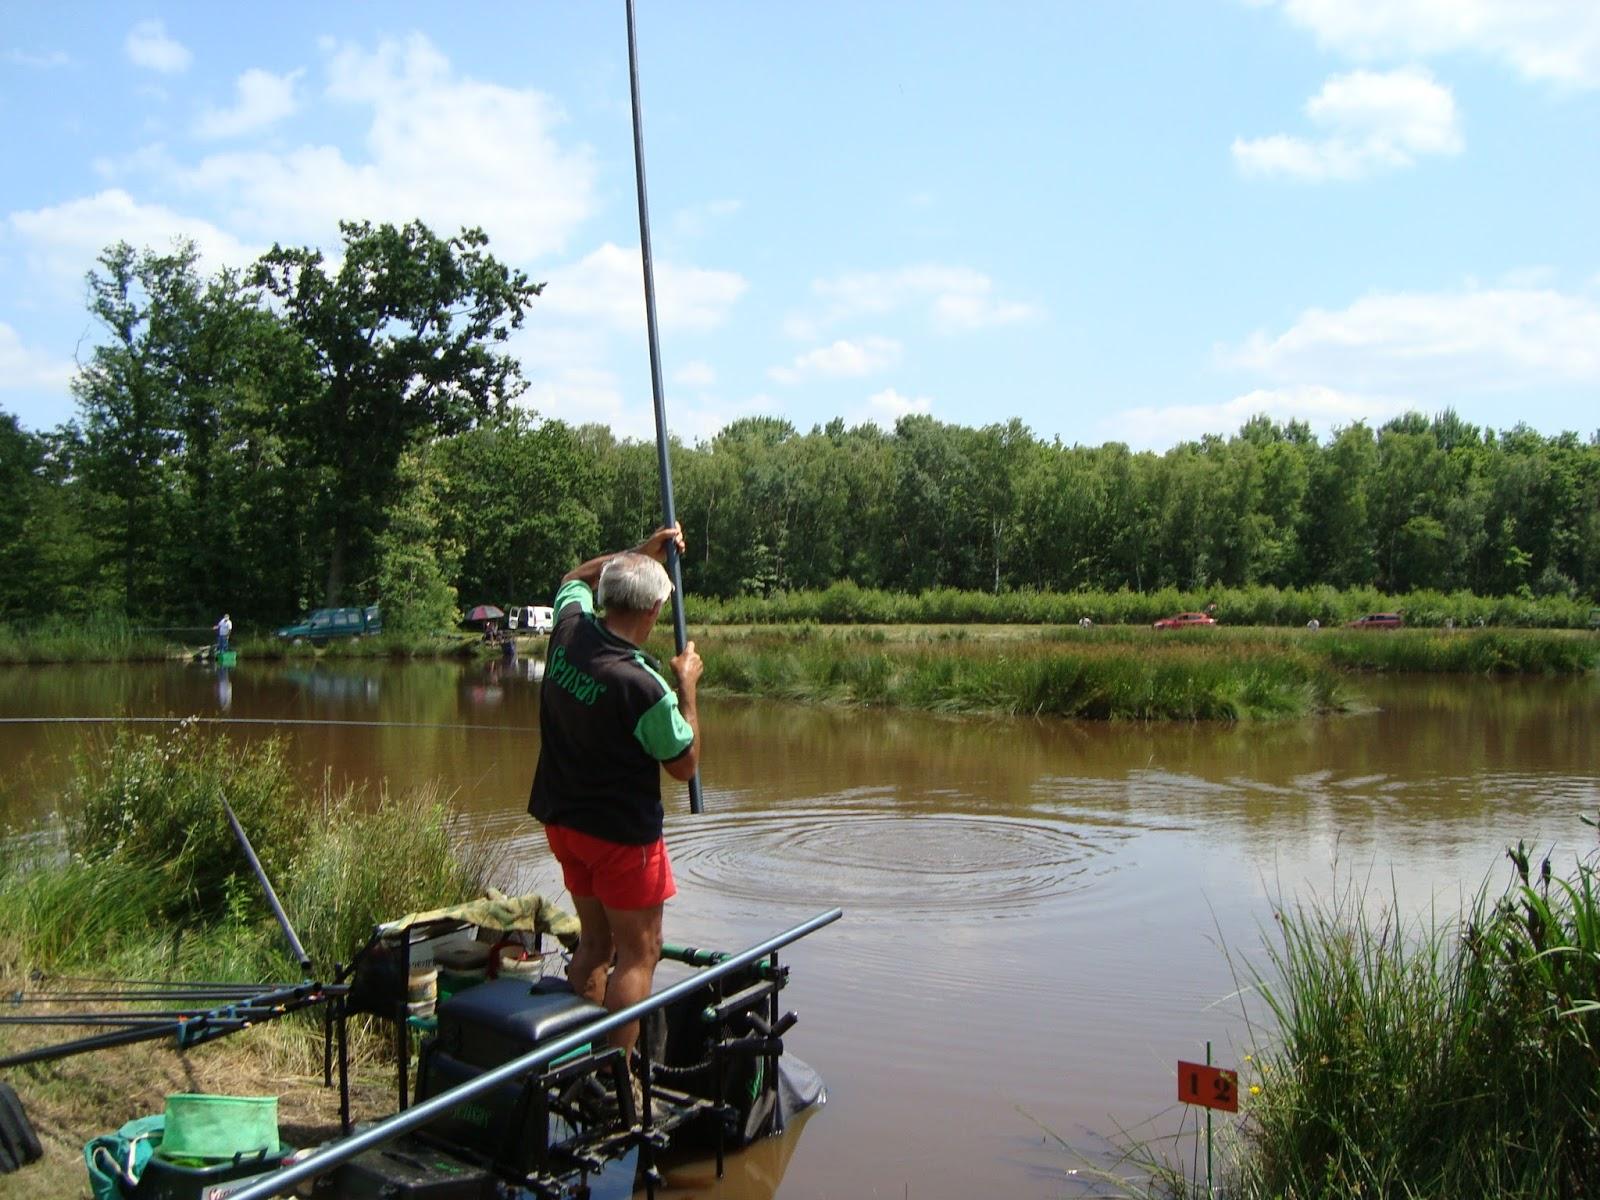 Les marchandises pour la pêche la livraison par la poste